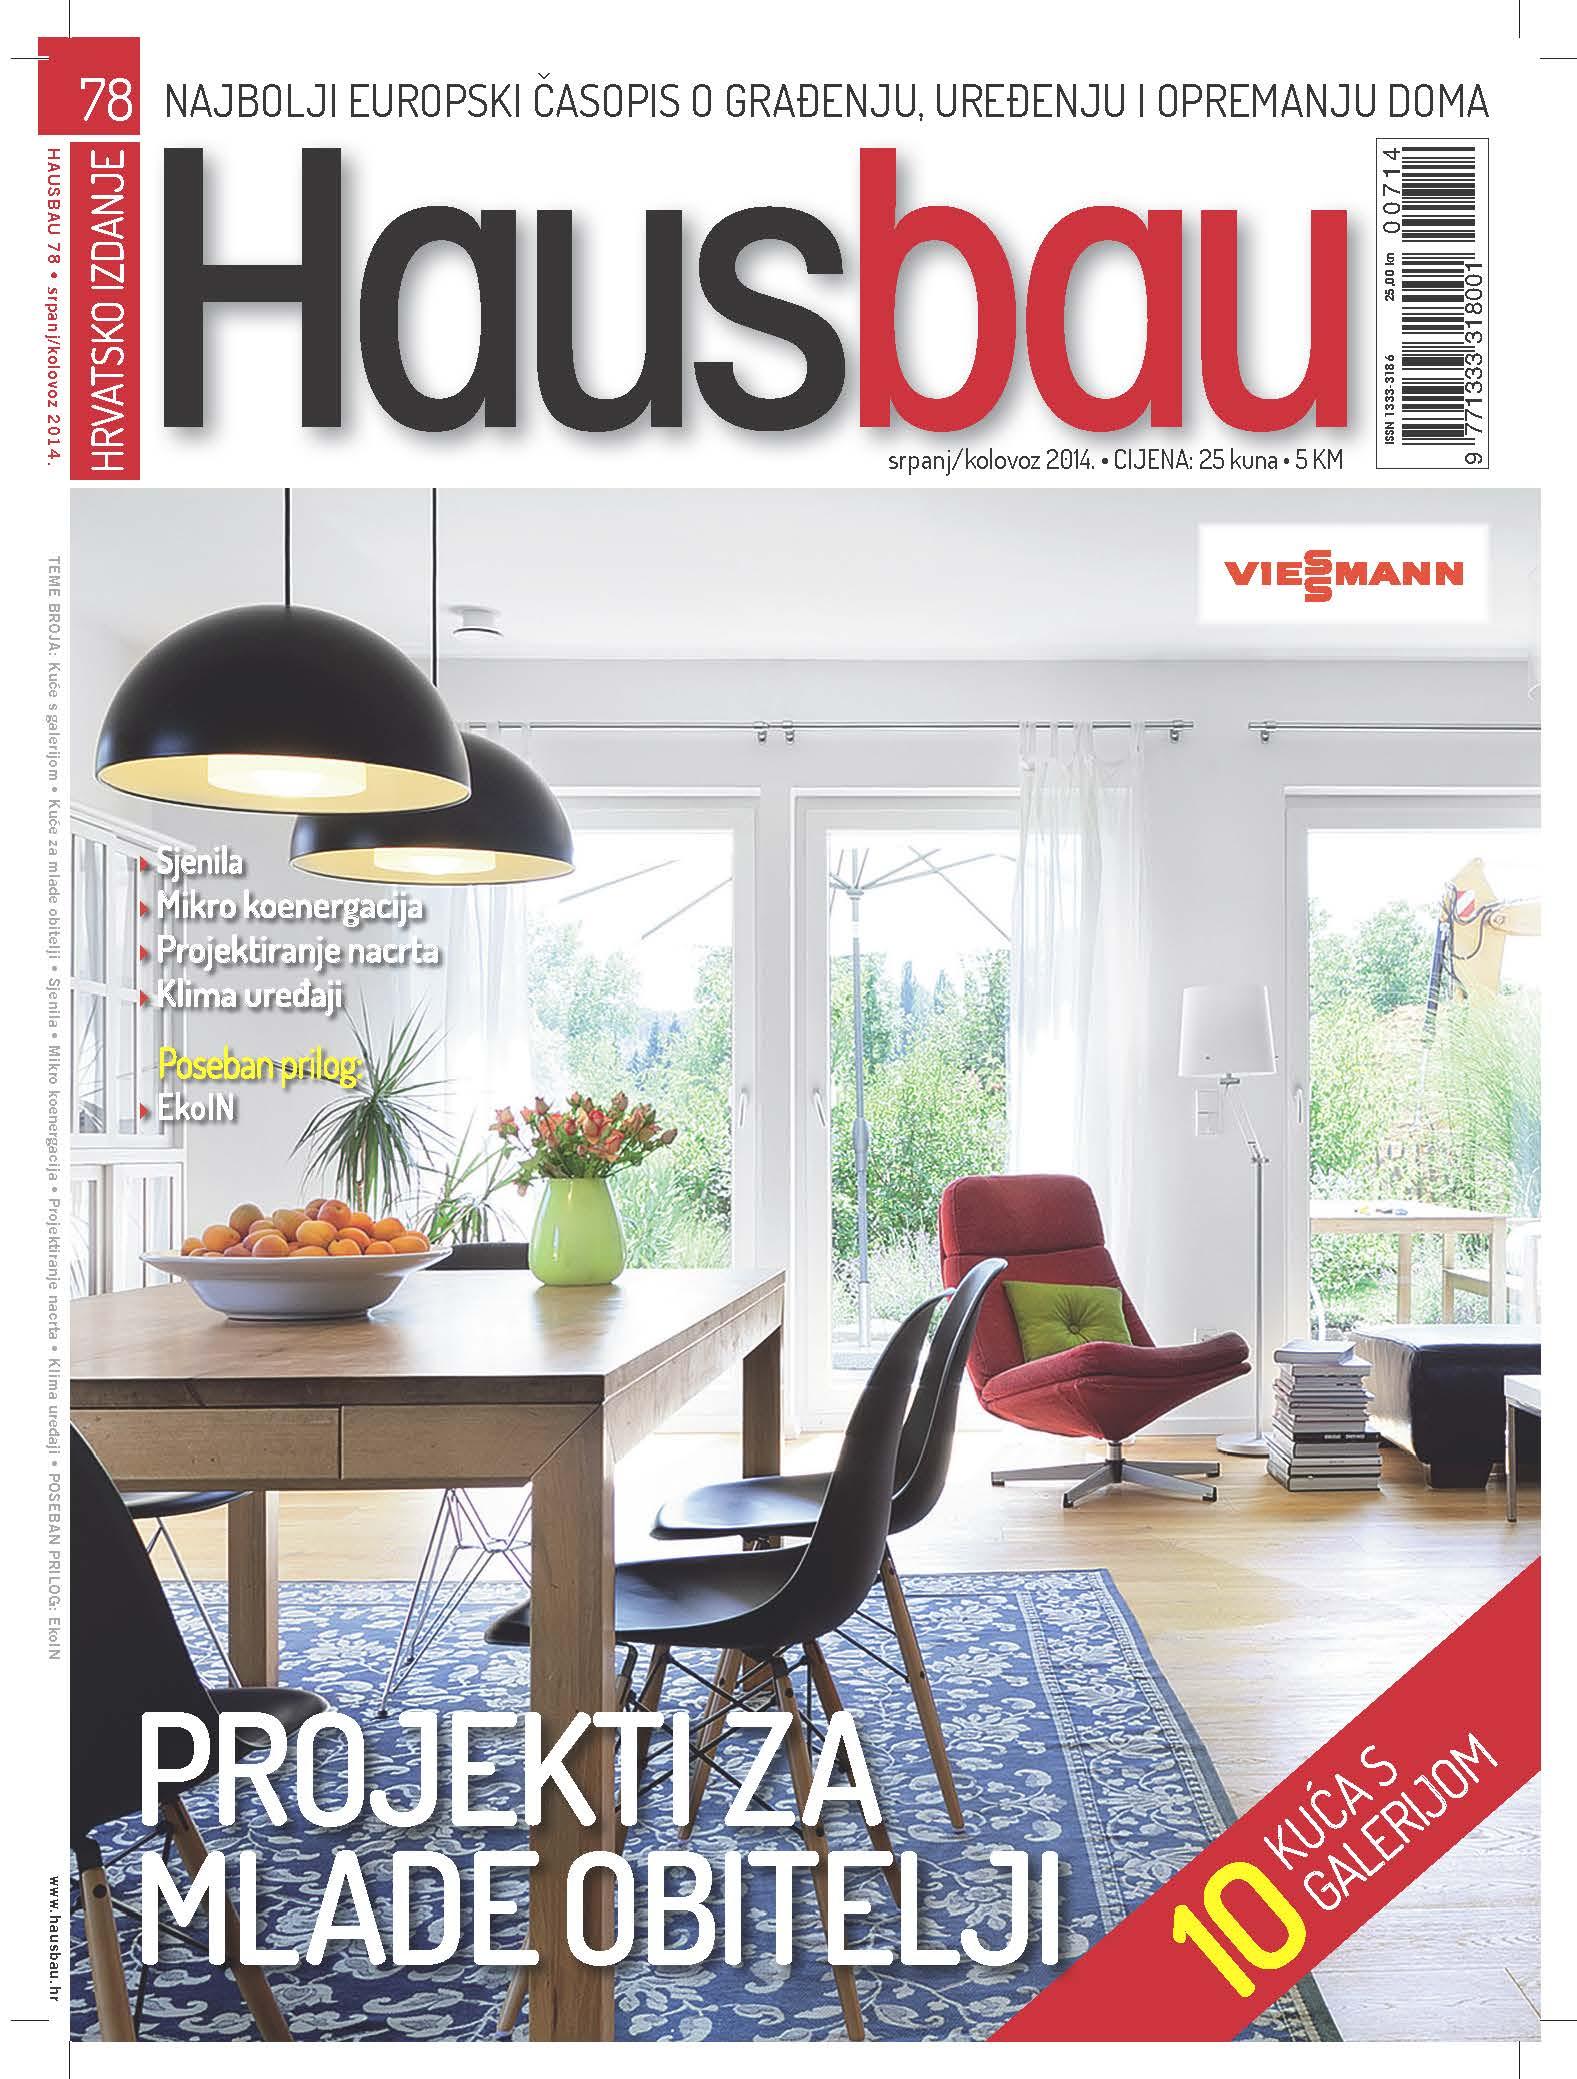 Hausbau br.78 (srpanj/kolovoz 2014) – na svim kioscoma